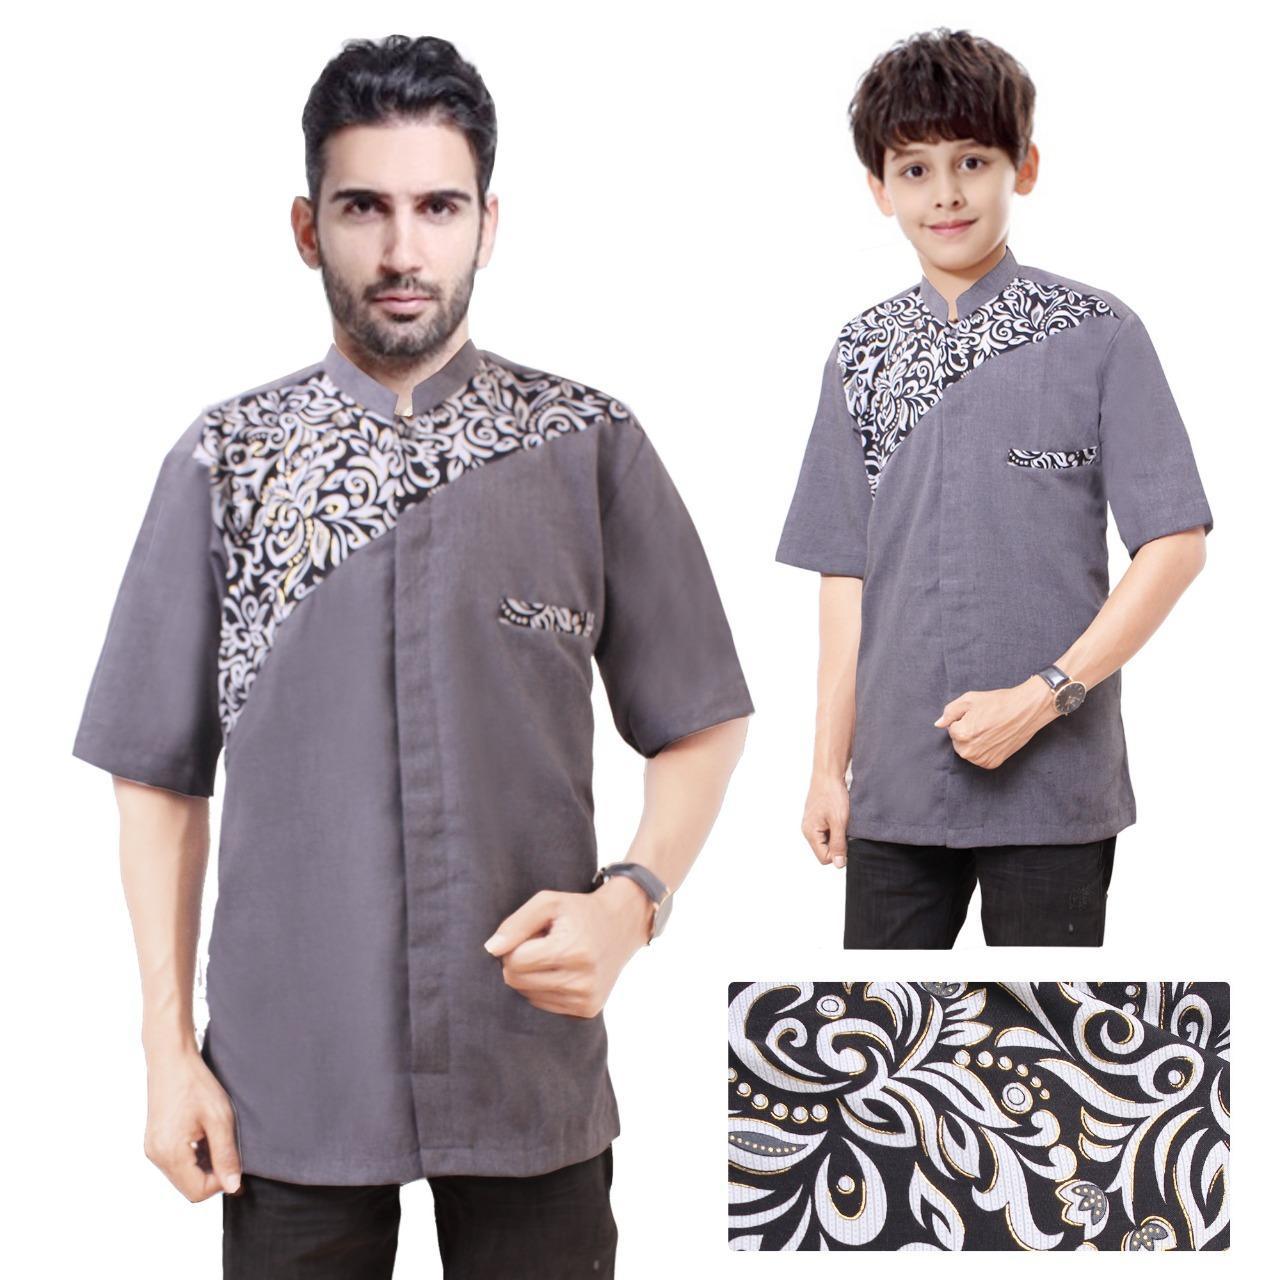 Shining Collection Baju Koko Jaki Kemeja Muslim Lengan Pendek Ayah dan Anak